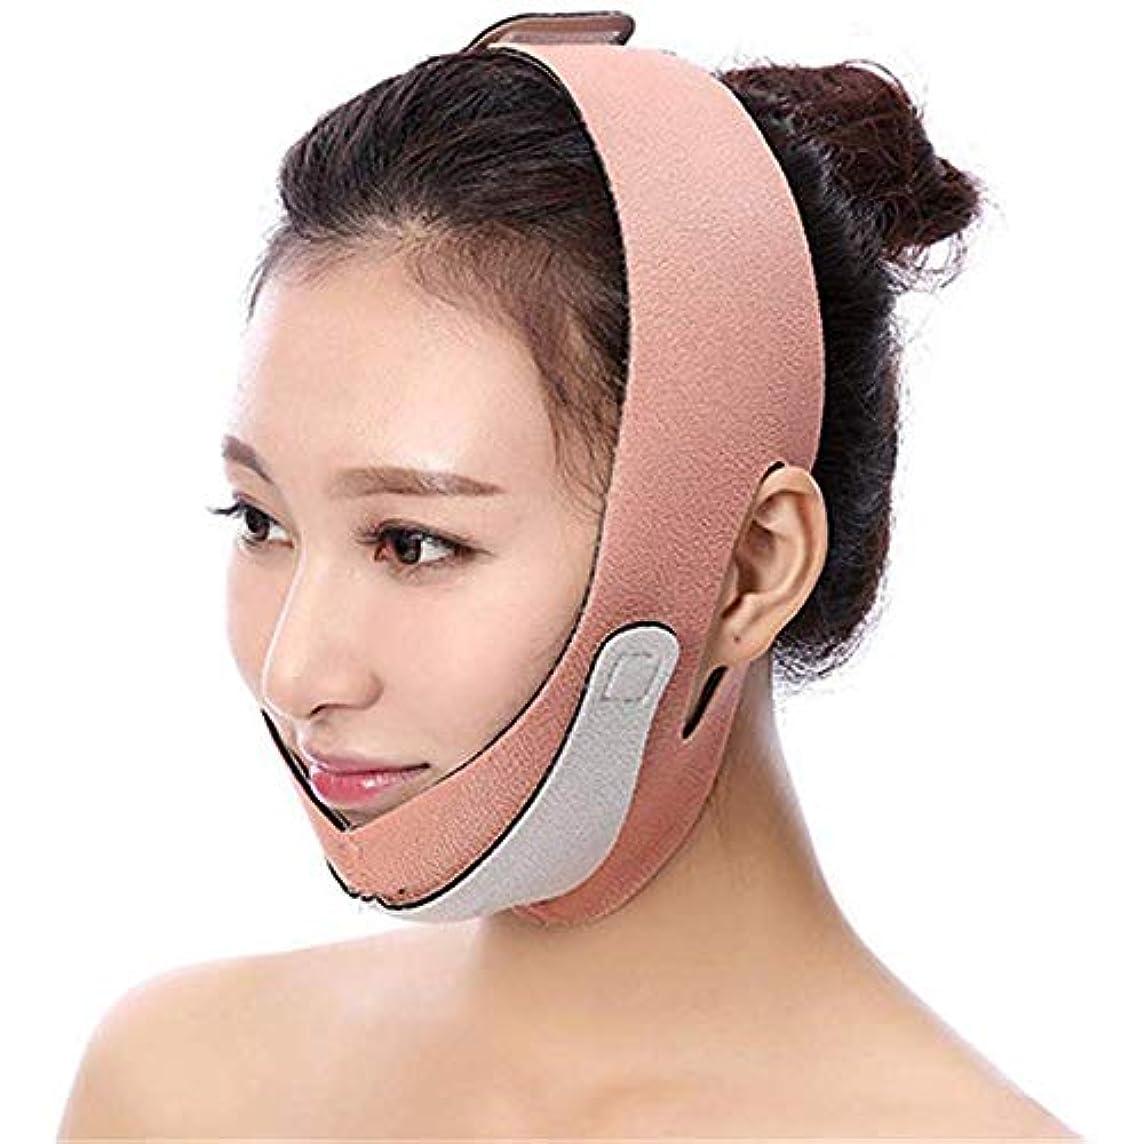 グレー謝る影響するWSJTT 顔のスリミングチンストラップ - チンをエイジングアンチフェイシャルマスクを持ち上げ - 皮膚のたるみ二重あごケア減量フェイスベルト、Vフェイスライン包帯ネックサポートフェイシャルリフトを排除